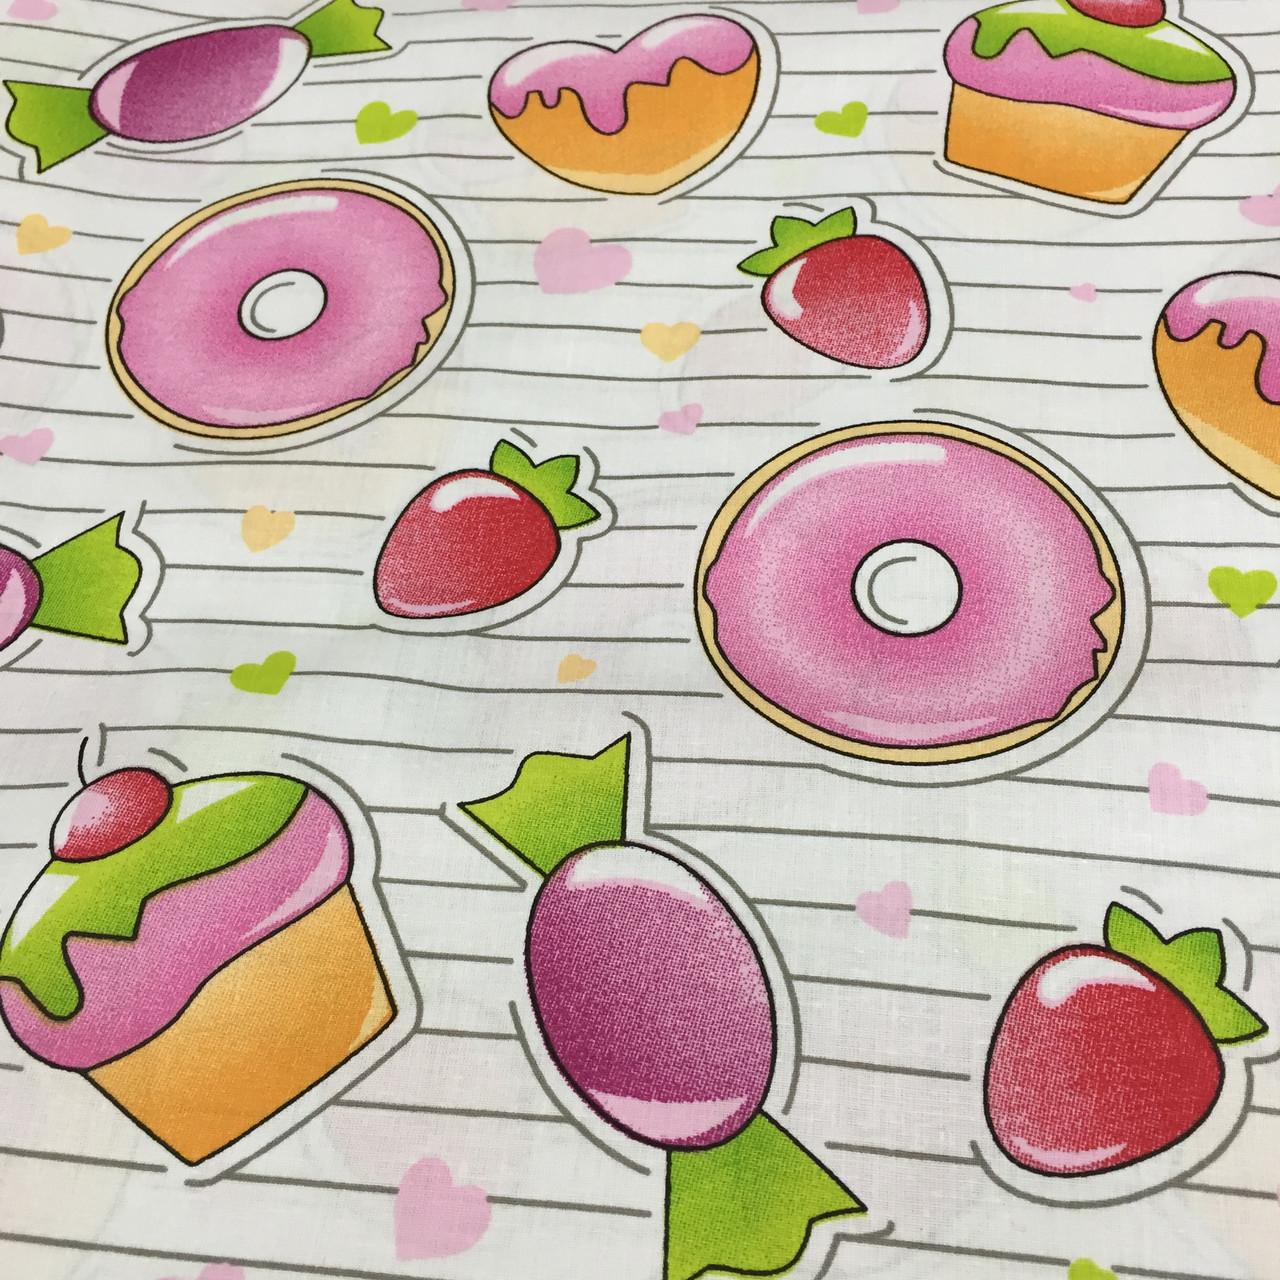 Ткань со сладостями, пирожными, фото 1